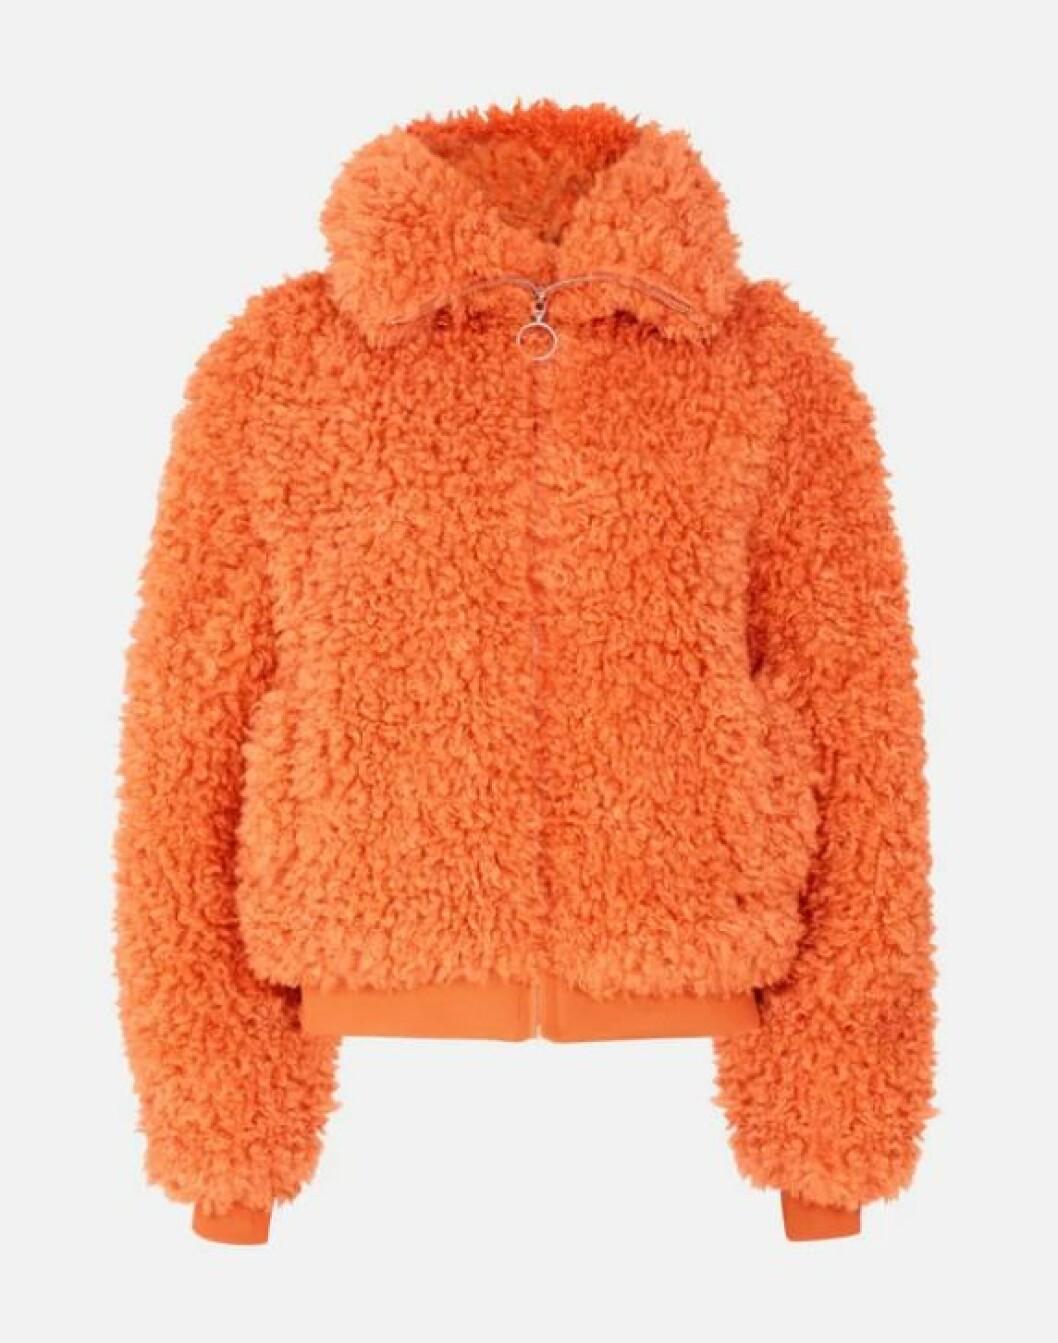 Orange teddyjacka